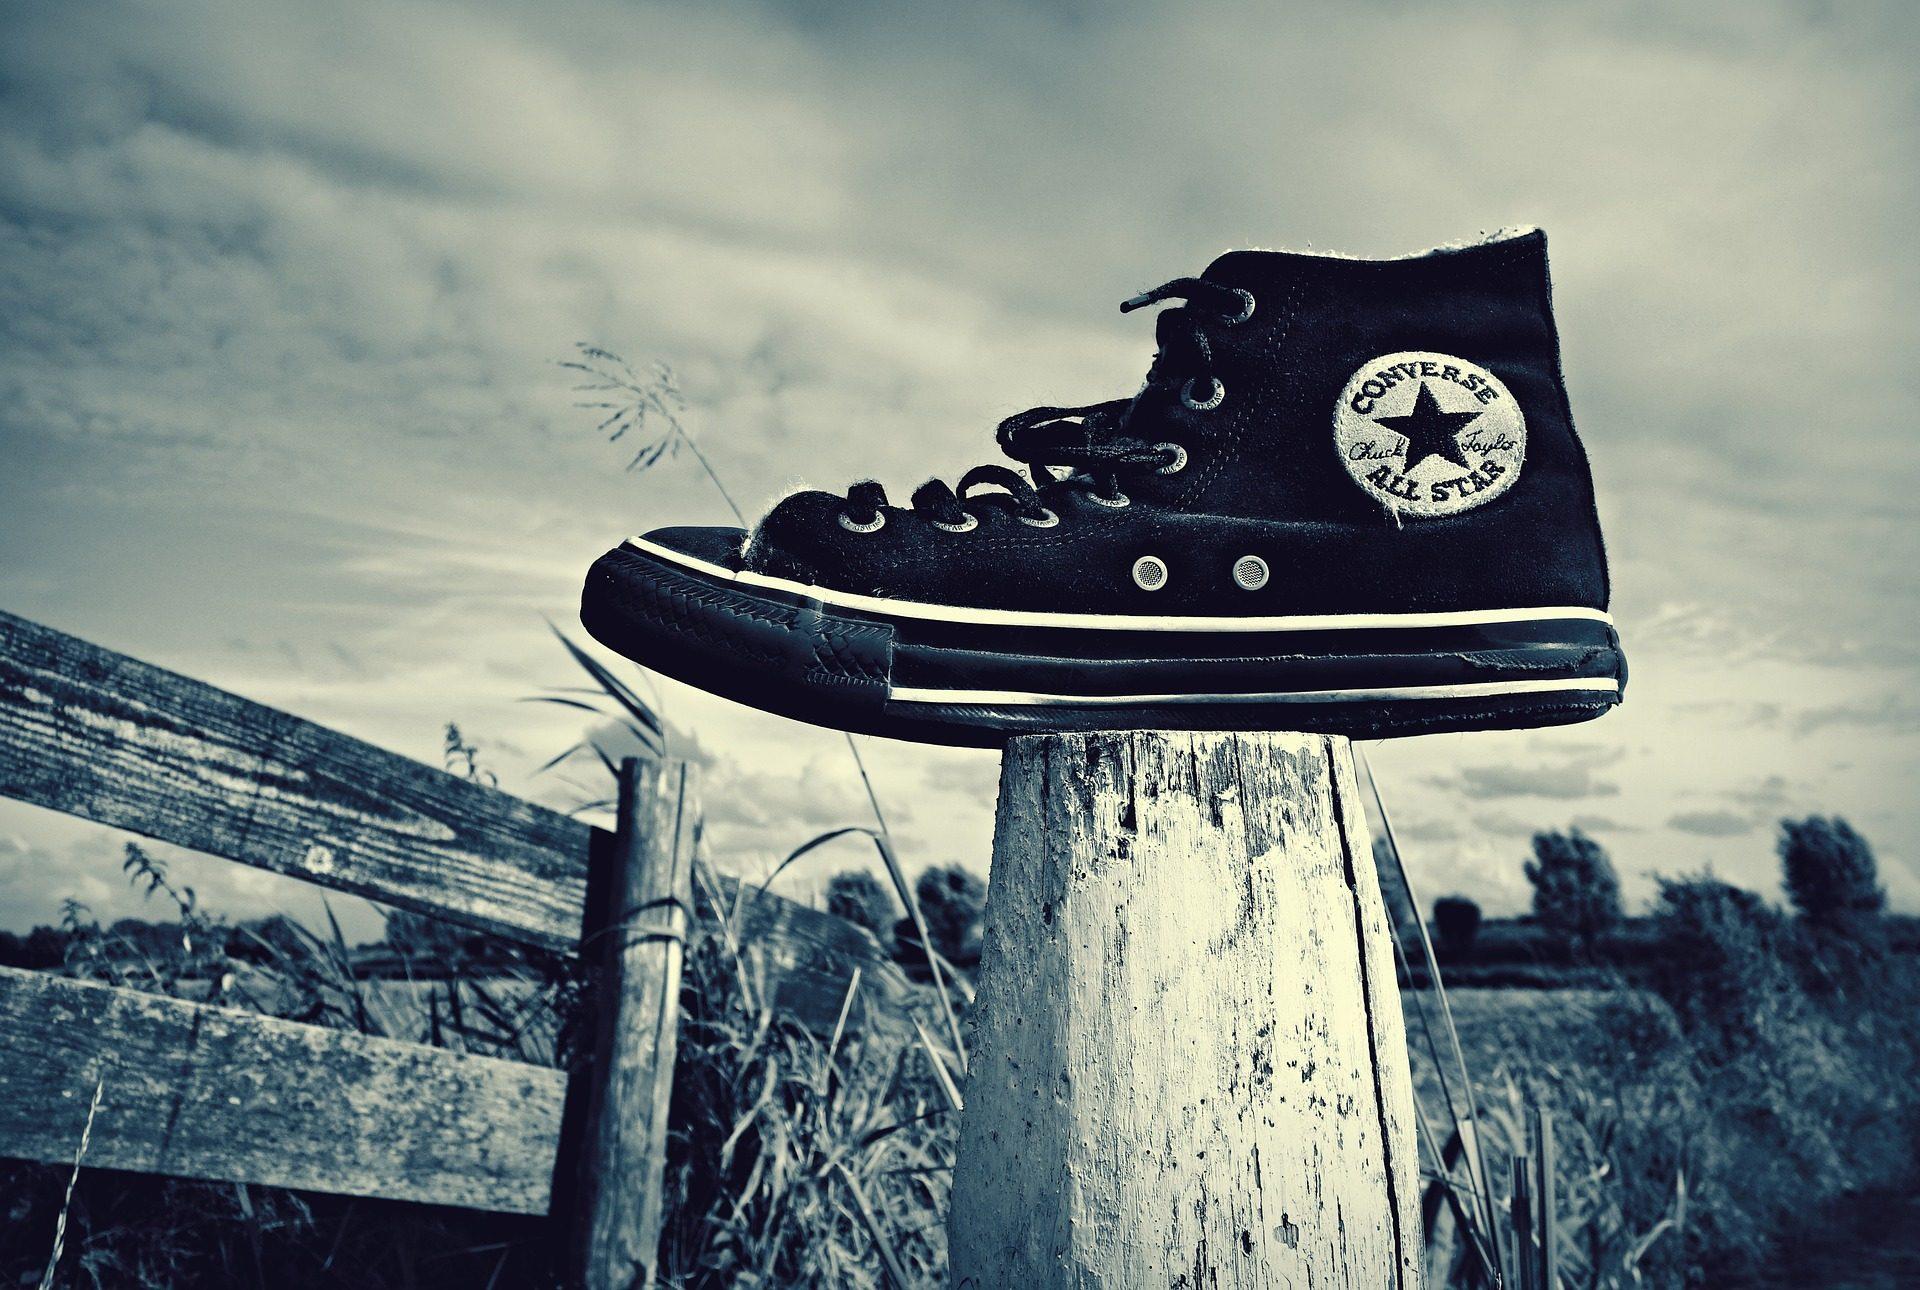 zapato, poste, ソレダ, コンバース, 黒と白の - HD の壁紙 - 教授-falken.com